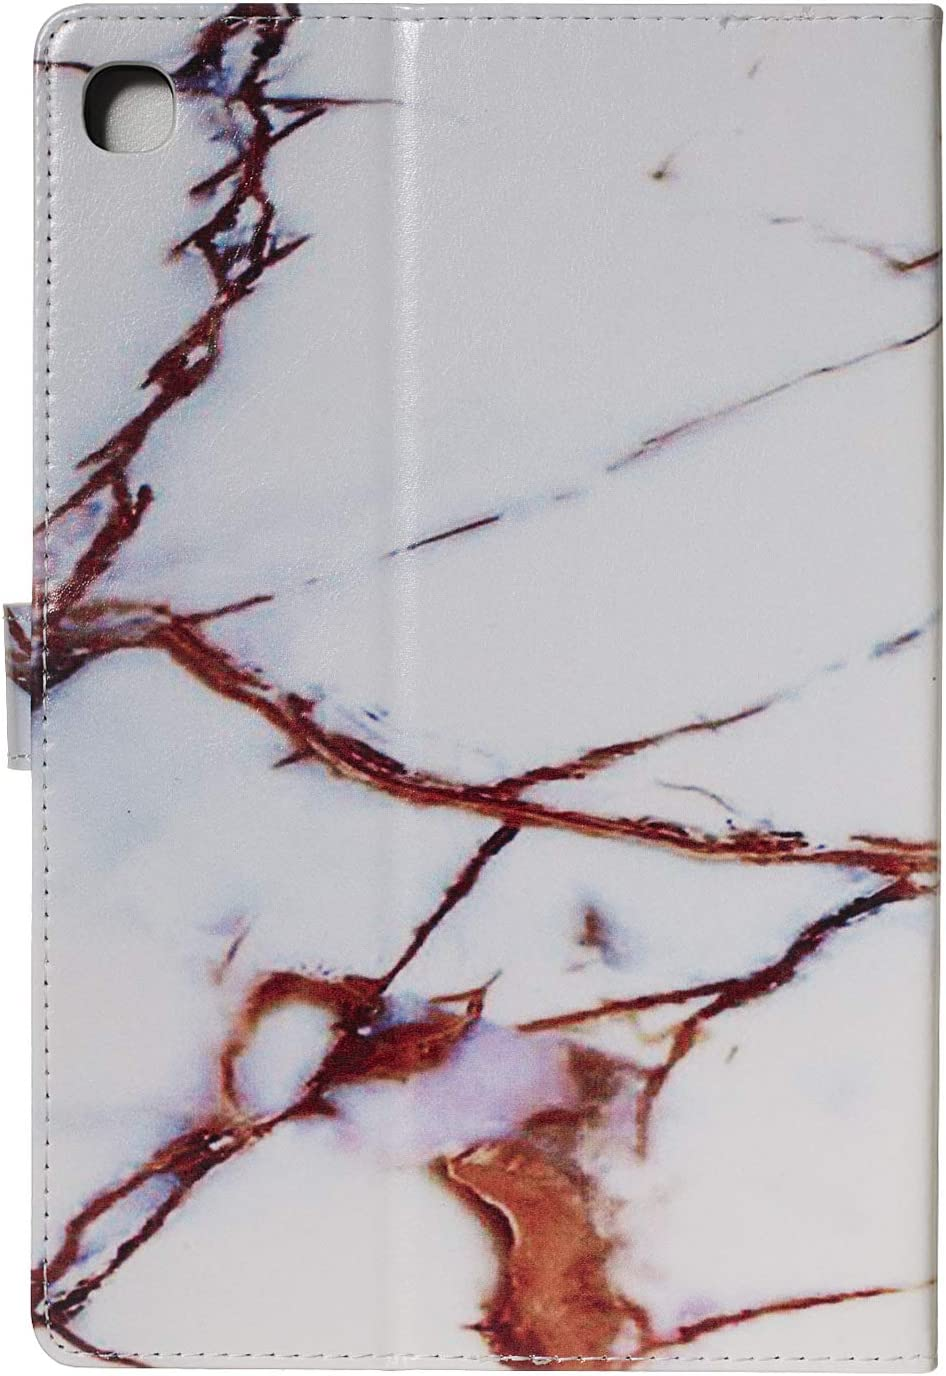 Tifightgo H/ülle f/ür Samsung Galaxy Tab S5e 10.5 Zoll T720 T725 Tasche Bunt Gemalt Rosa Blumen Kunstleder Klapph/ülle mit Stift Kratzfeste Schutzh/ülle Lederh/ülle Kartenfach Magnet St/änder Wallet Cover